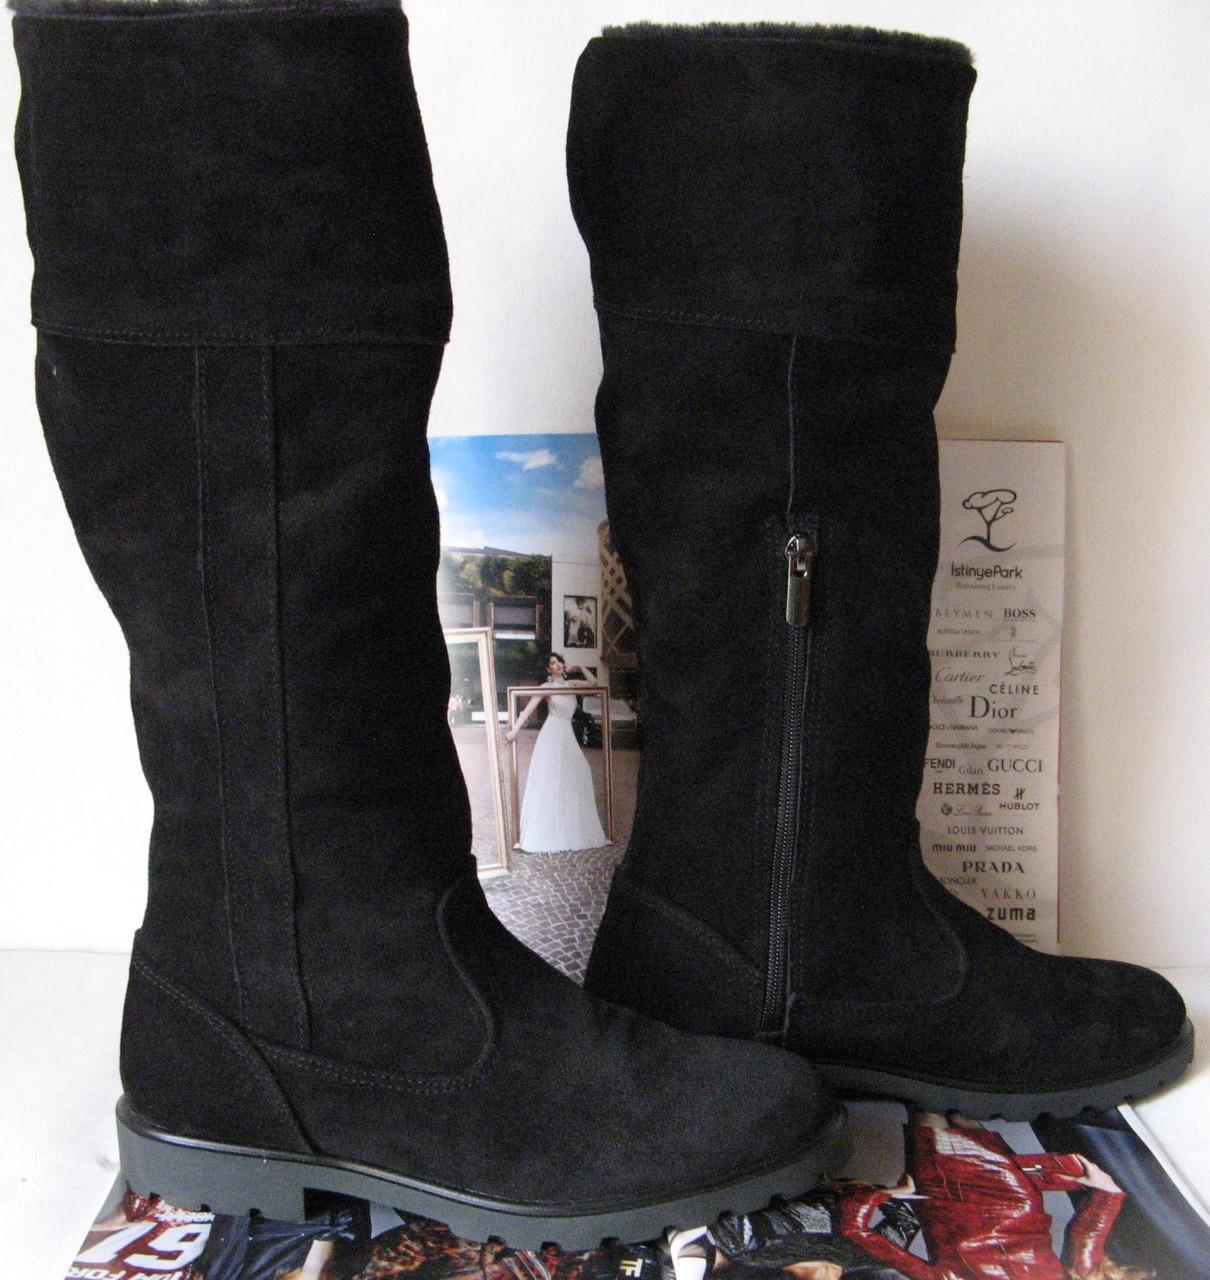 11c99156de81 Женские зимние высокие замшевые сапоги в стилеTimberland! мех ботинки  черные обувь теплая, ...